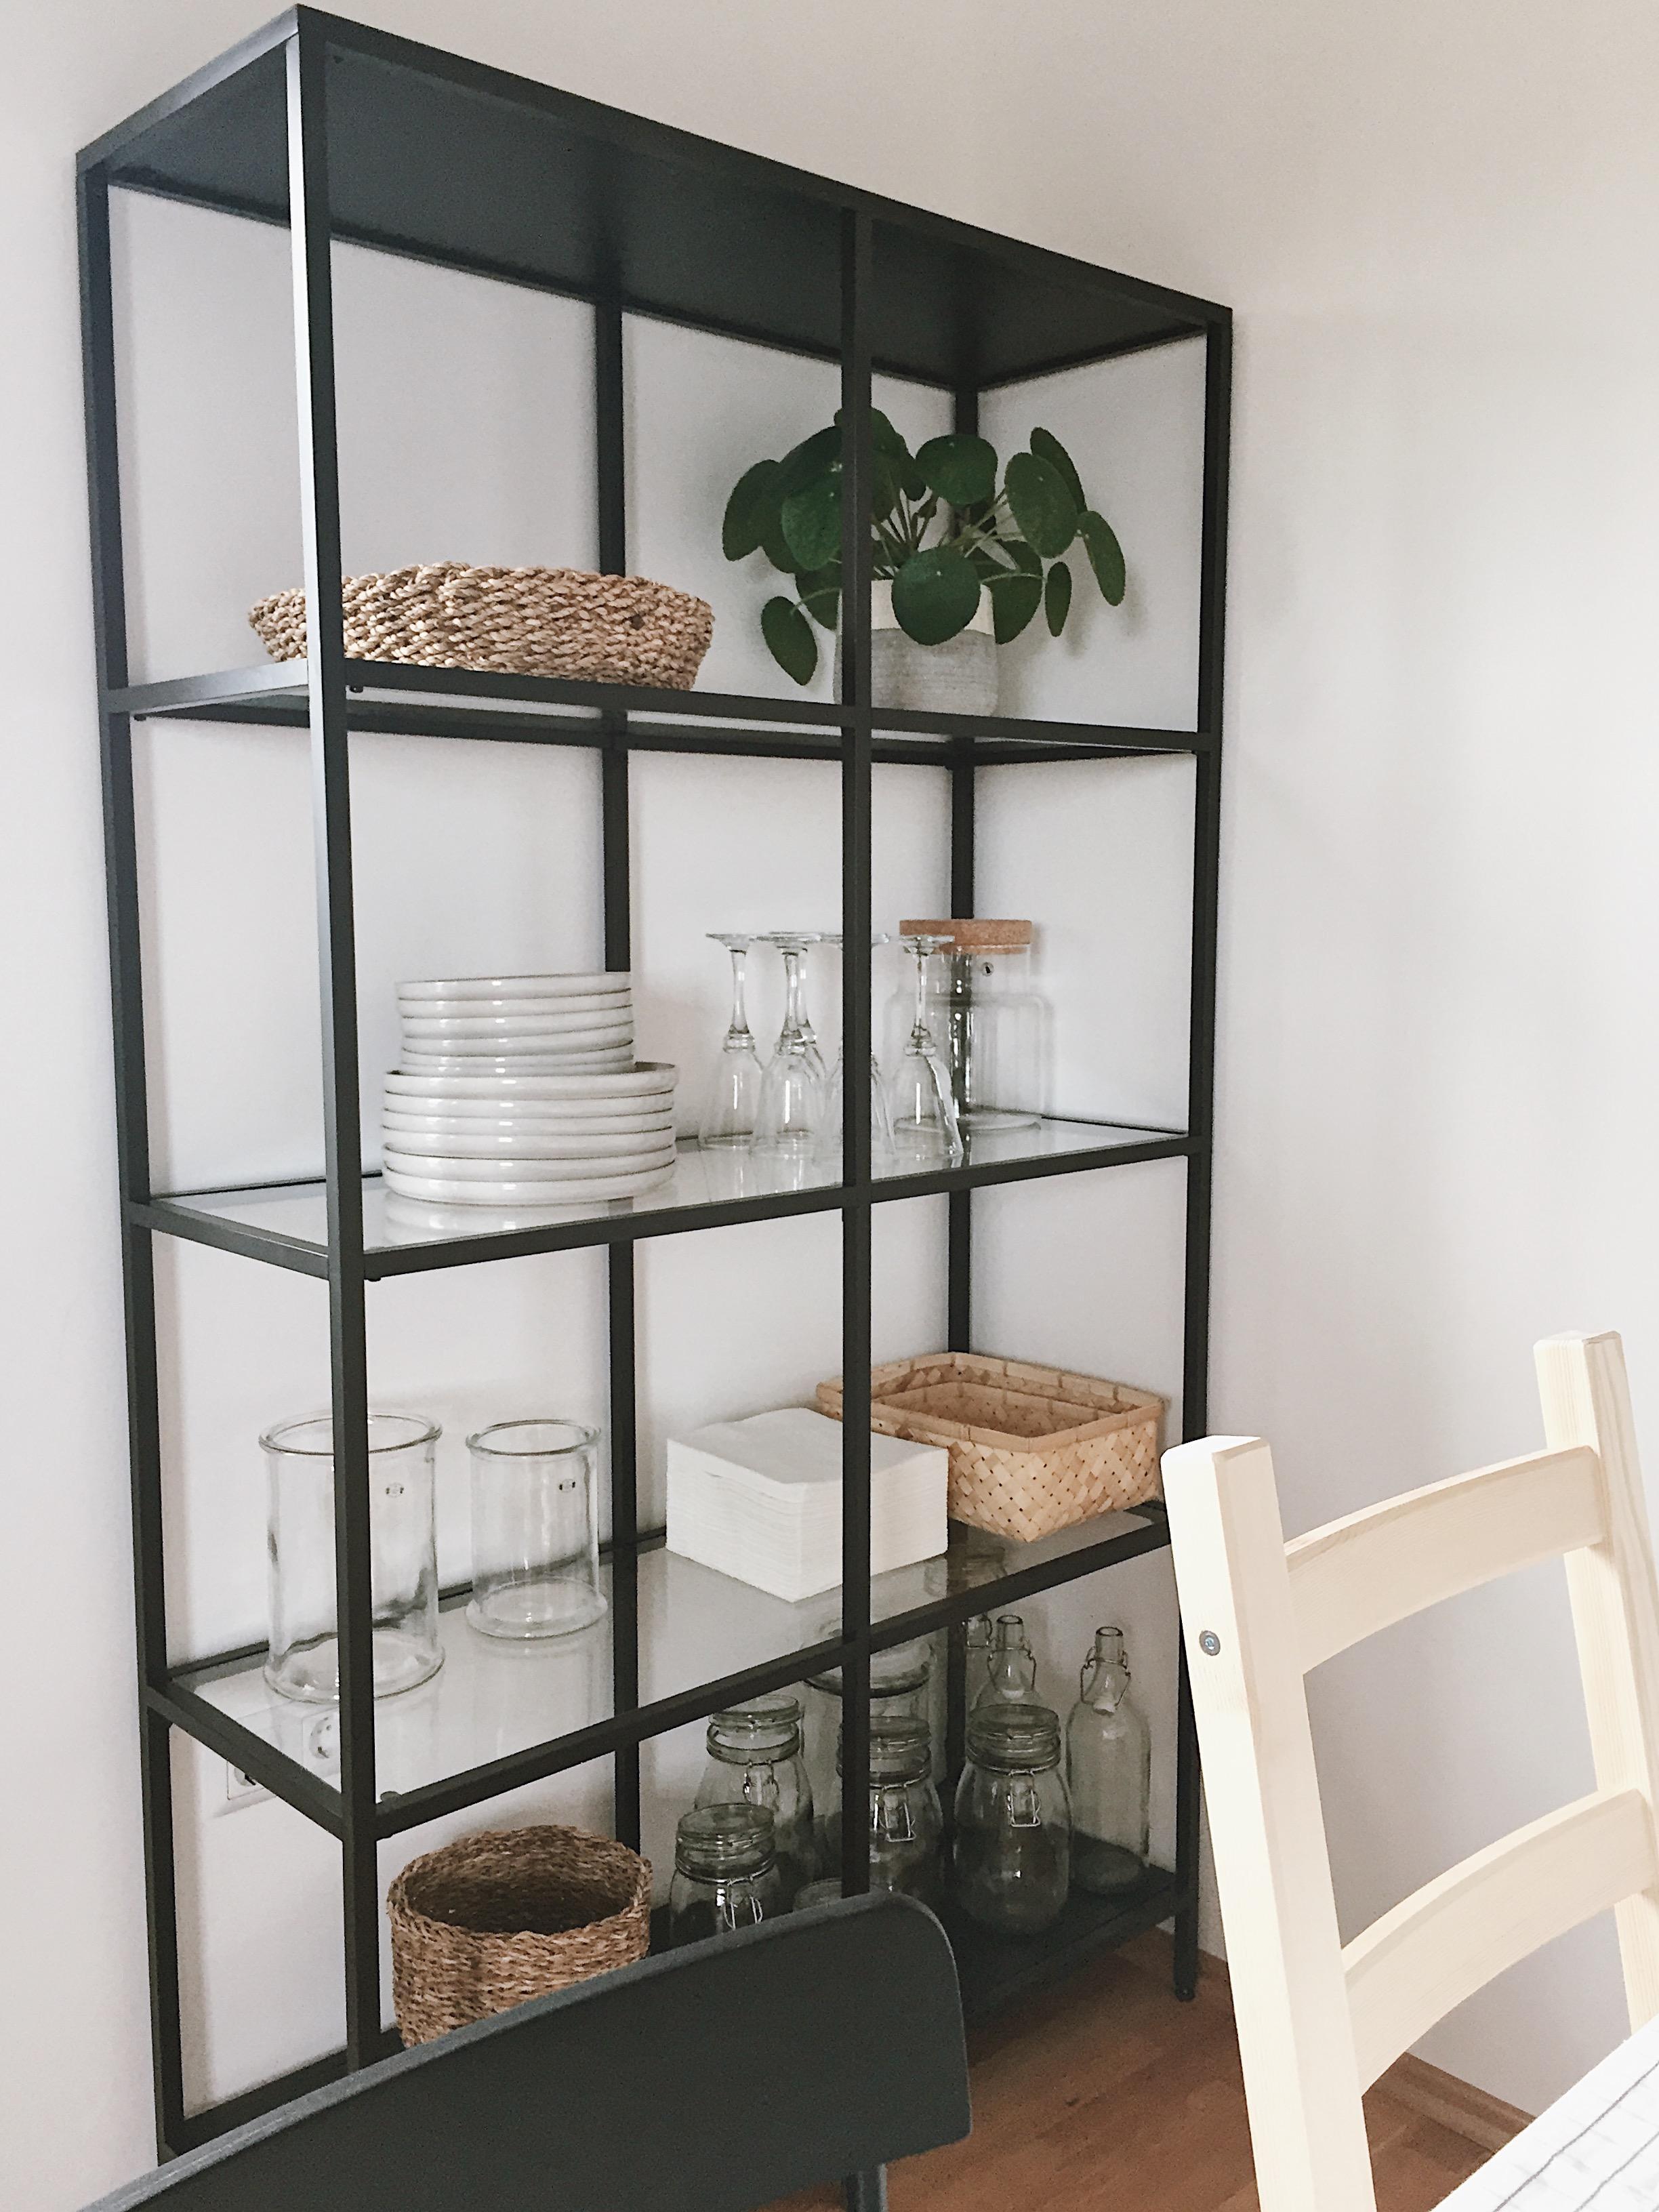 Ikea Küchenregal  Küchenregal Ideen Lass dich inspirieren